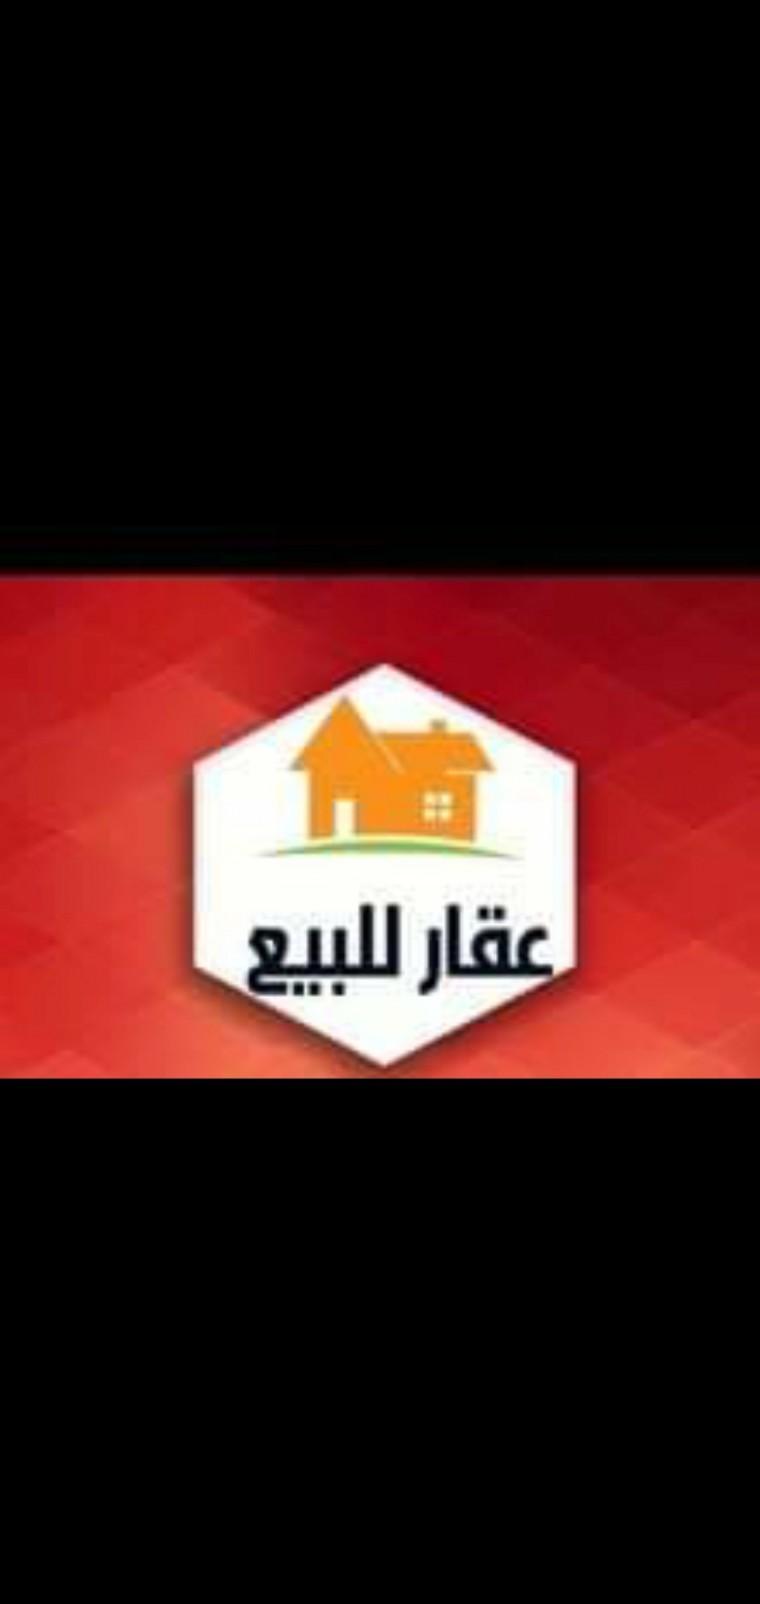 بيت للبيع في سلوى